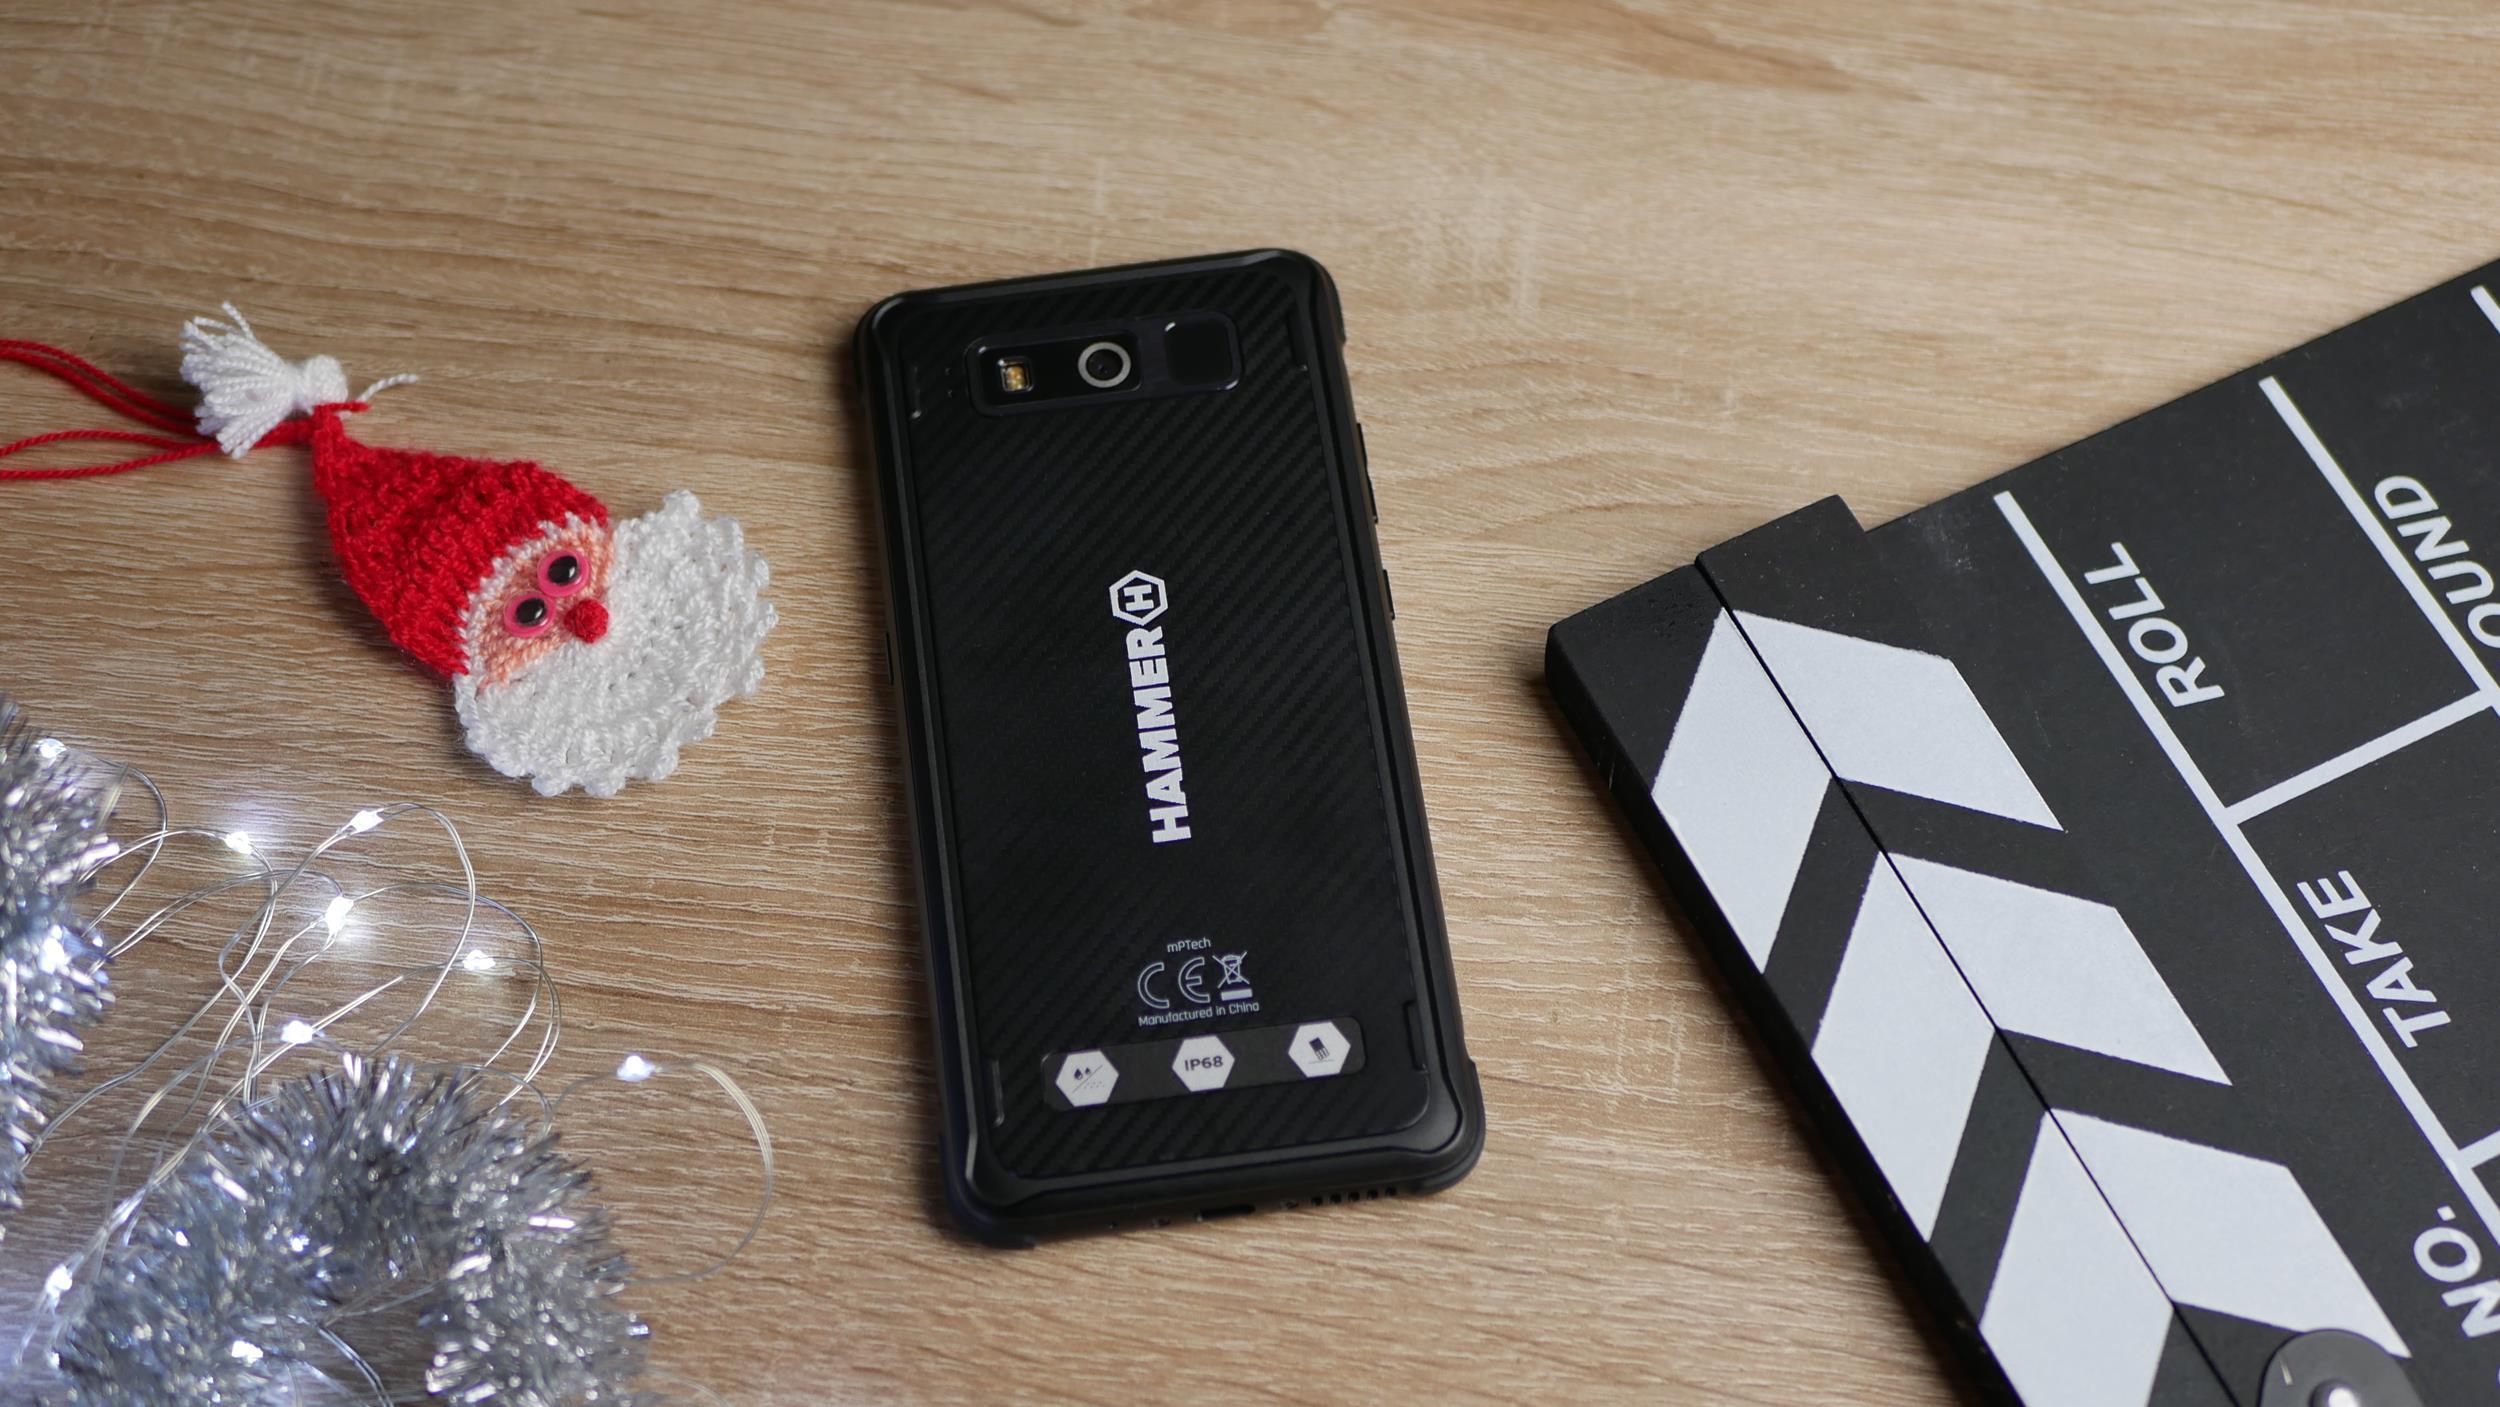 Recenzja Hammer Blade 2 Pro - wytrzymałego smartfona z NFC i 6 GB RAM 20